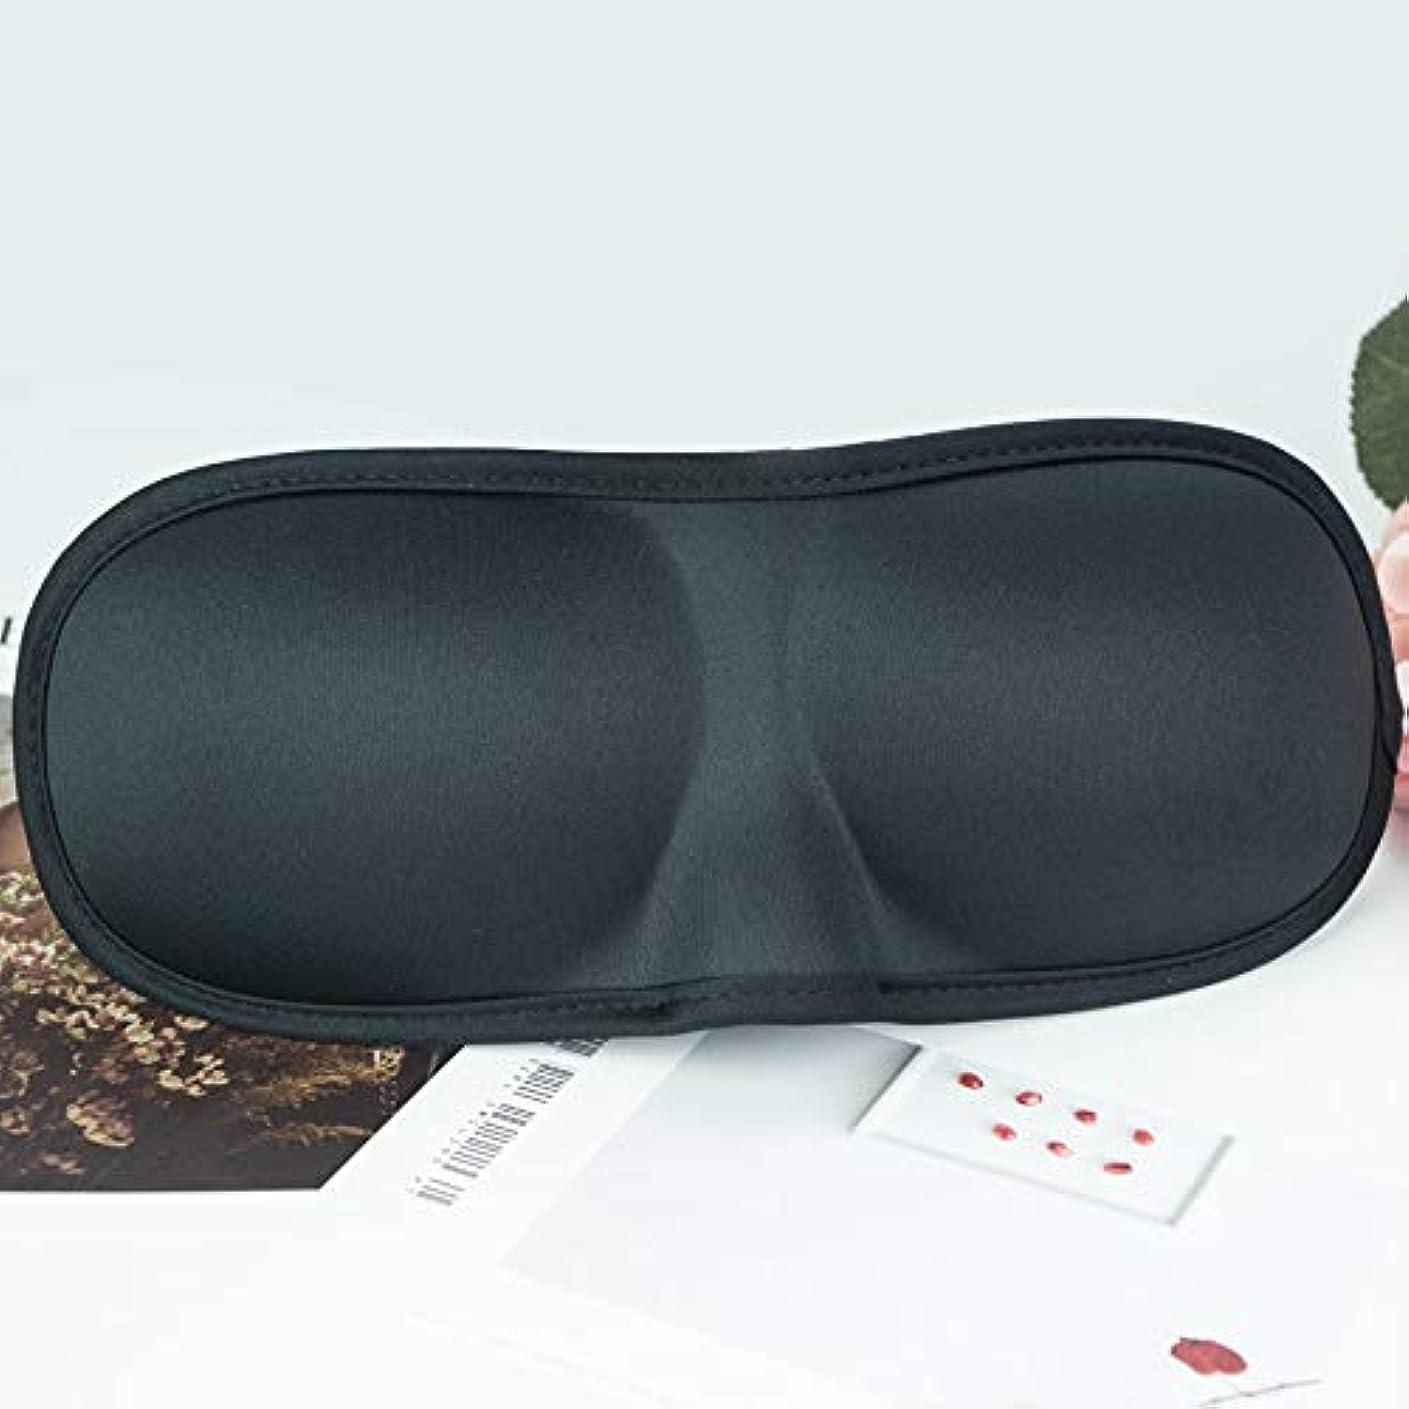 難民壁光沢NOTE 高品質3d睡眠アイマスク睡眠補助アイシェードポータブル旅行睡眠休息アイマスクカバーアイパッチ目隠し睡眠マスク